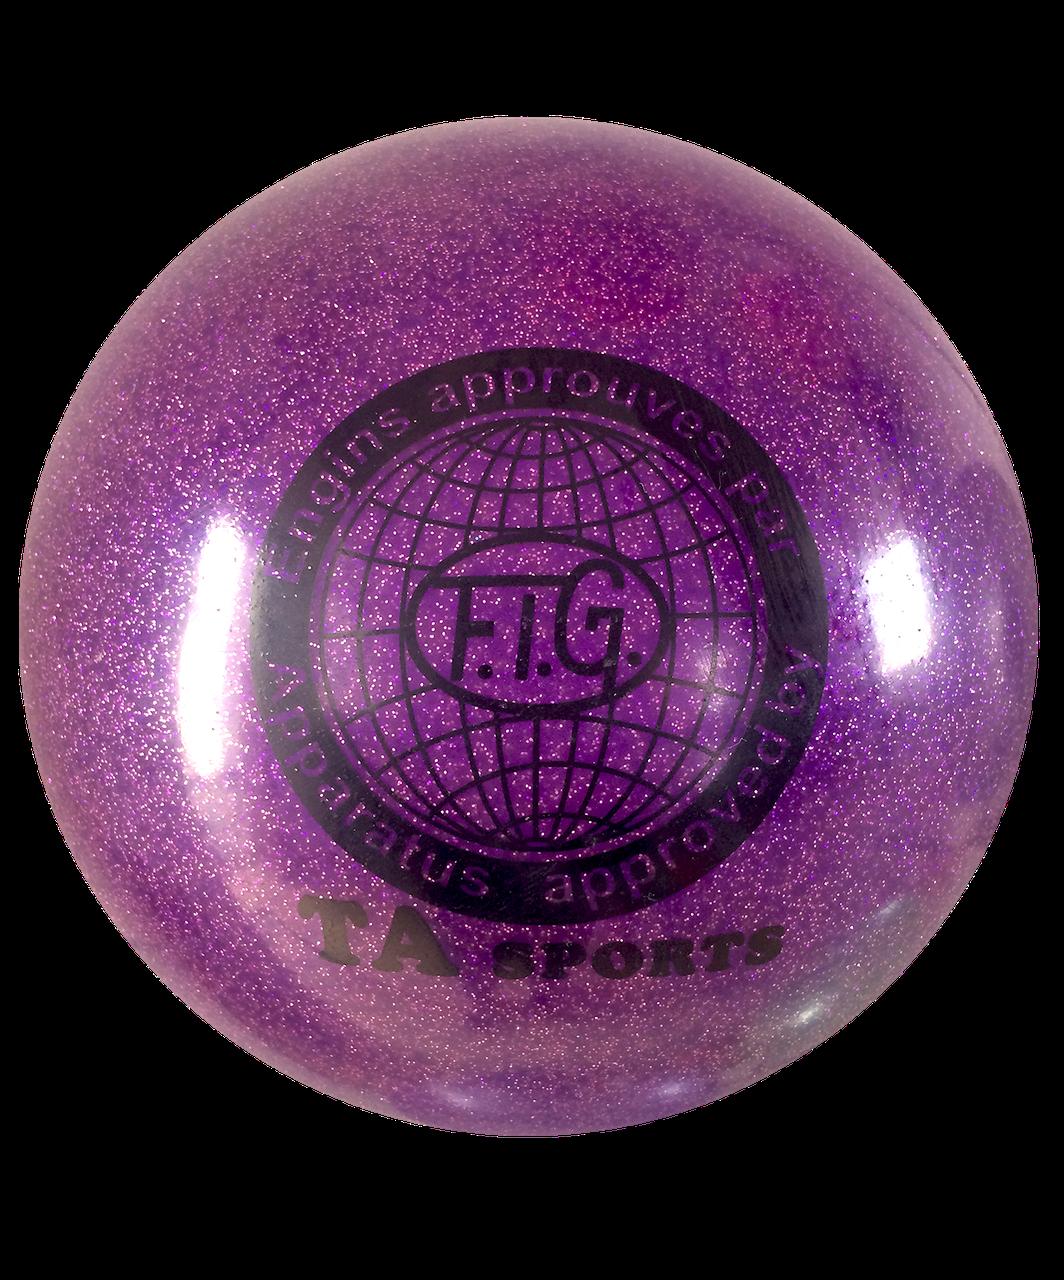 Мяч для художественной гимнастики, д-19см. Цвет фиолетовый, TA Sport.